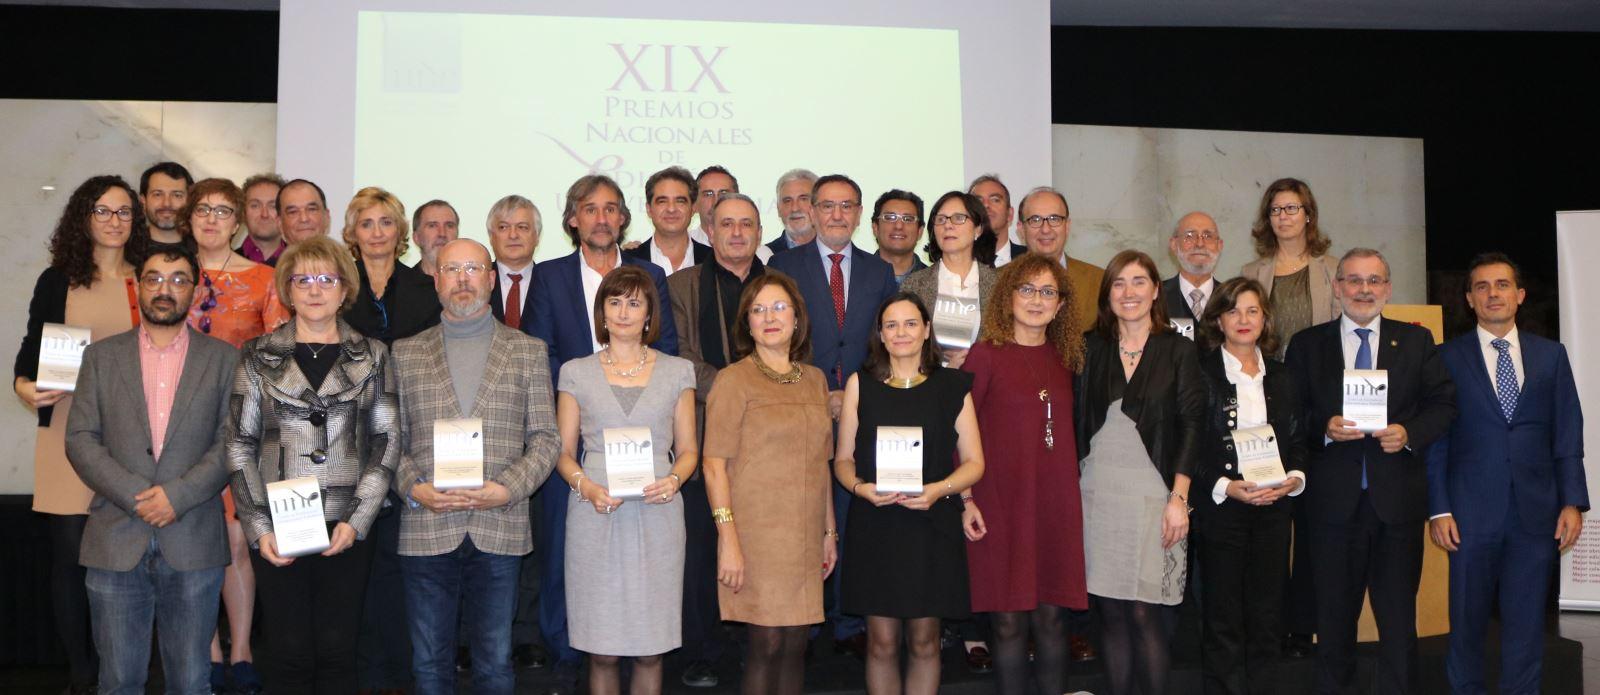 Foto de familia de los Premios Nacionales de Edición Universitaria 2016 / Rosa de Bustos